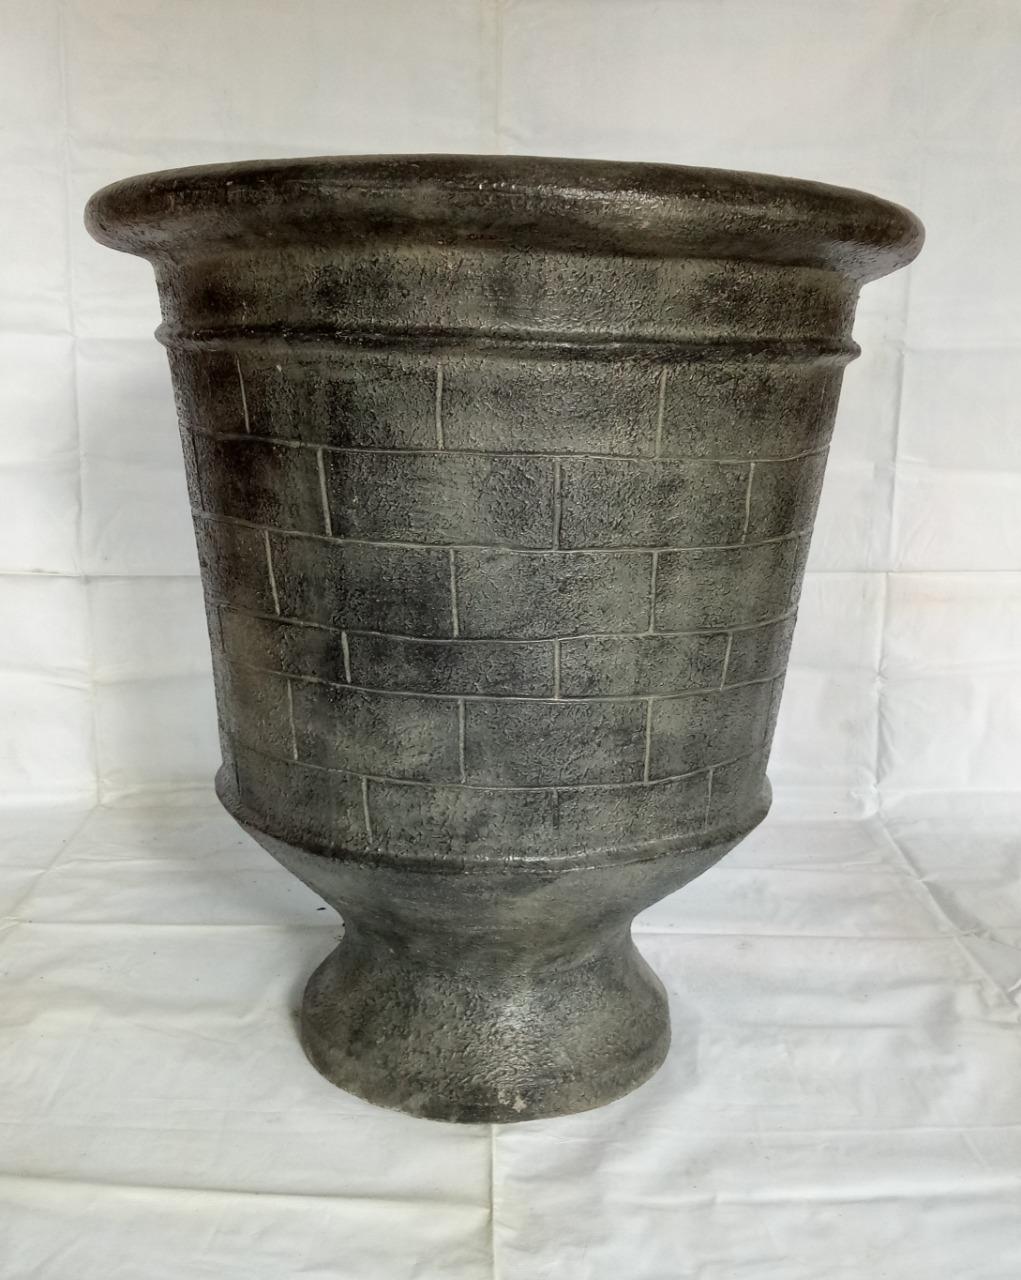 002 Pot with brick motif